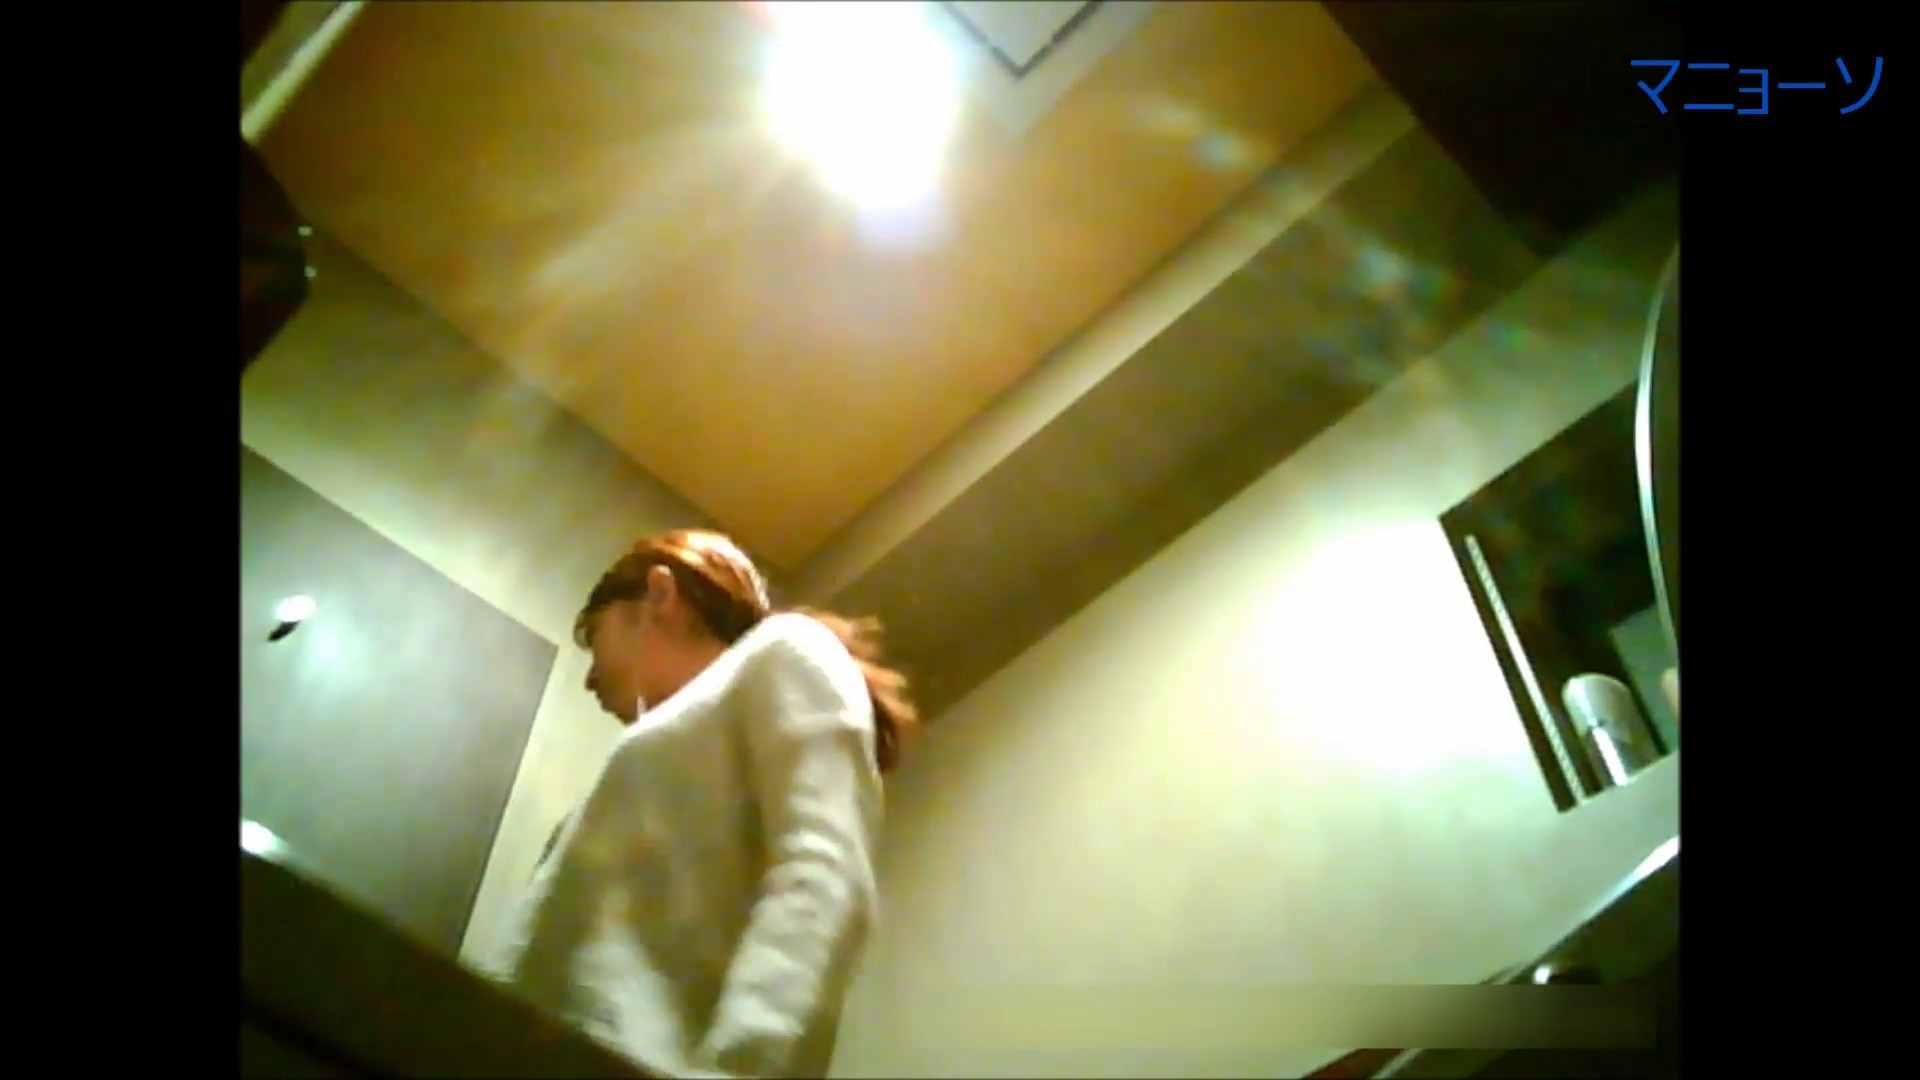 トイレでひと肌脱いでもらいました (JD編)Vol.02 トイレで・・・  83画像 7